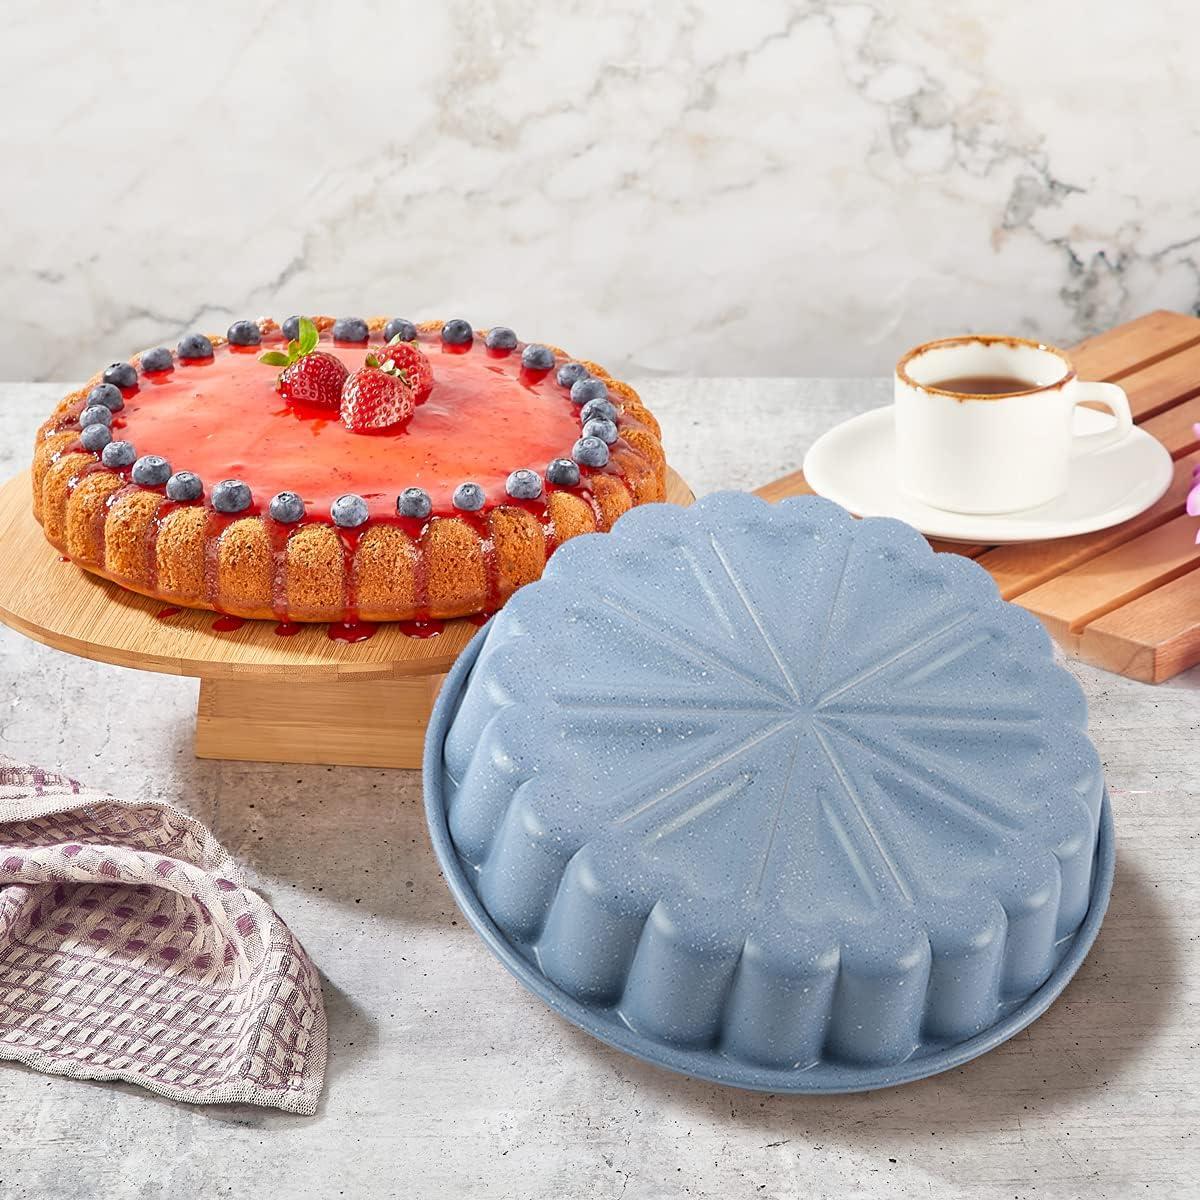 Vinchef Charlotte Cake Pan Non-stick 4-Layer Sale SALE% OFF sale Nonstick Coating